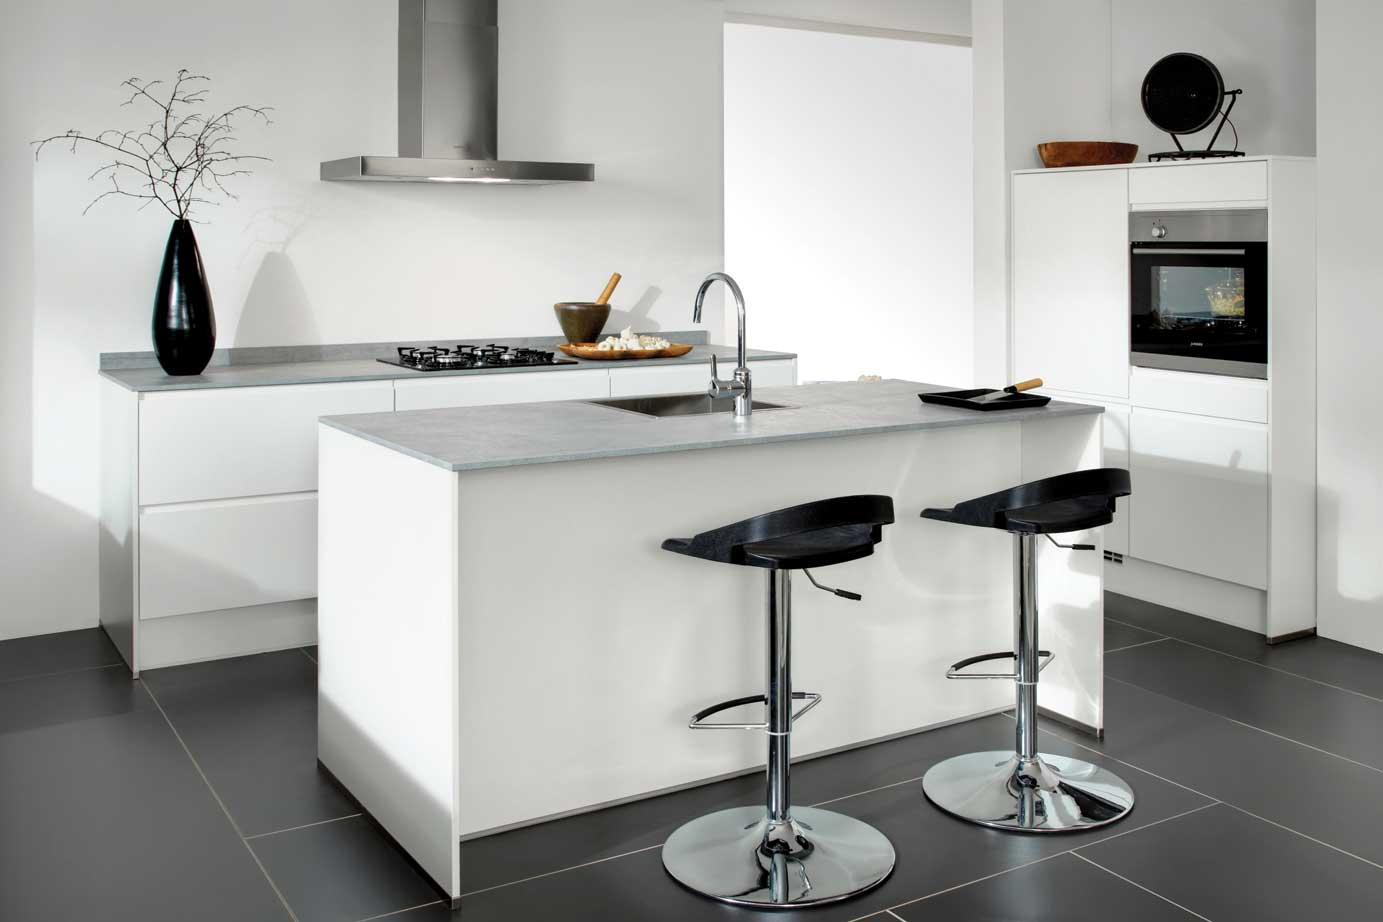 Kleine Keukens Met Kookeiland : Kleine keuken kookeiland of hoekkeuken? Bekijk de